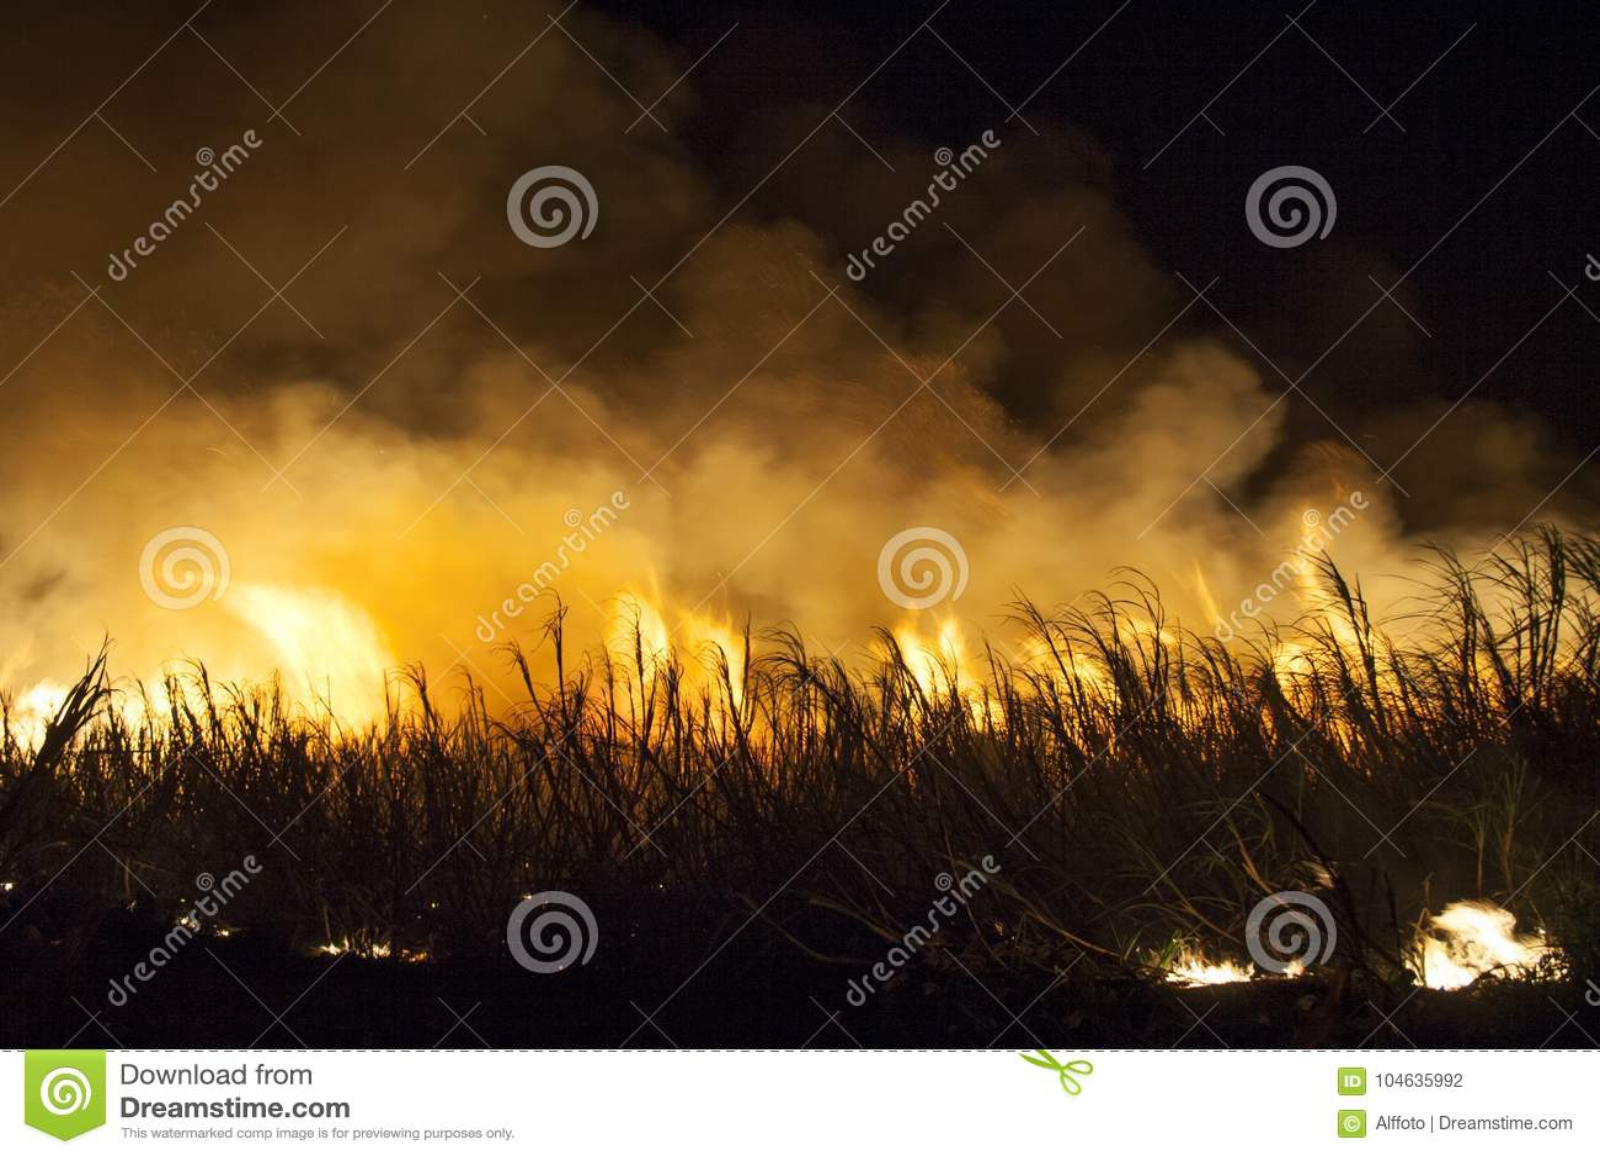 Download Suikerrietbrand stock foto. Afbeelding bestaande uit oogst - 104635992